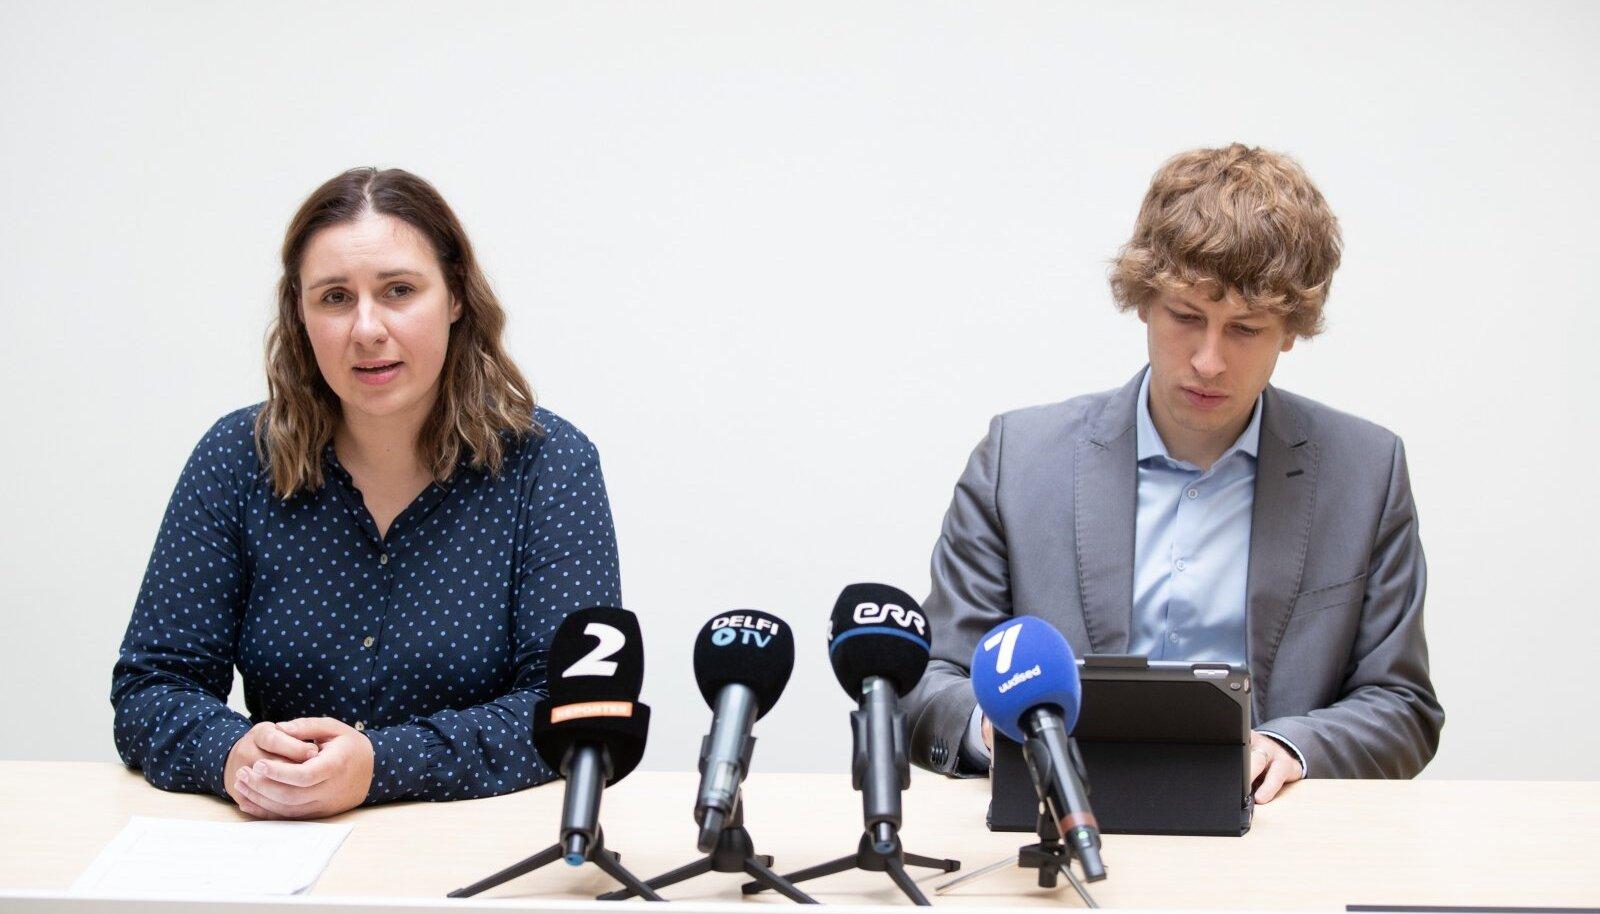 Härma ja Kiik panevad peredele südamele, et nad puhkaksid koolivaheajal Eestis. Kõikides riikides on nakatumine tõusuteel.